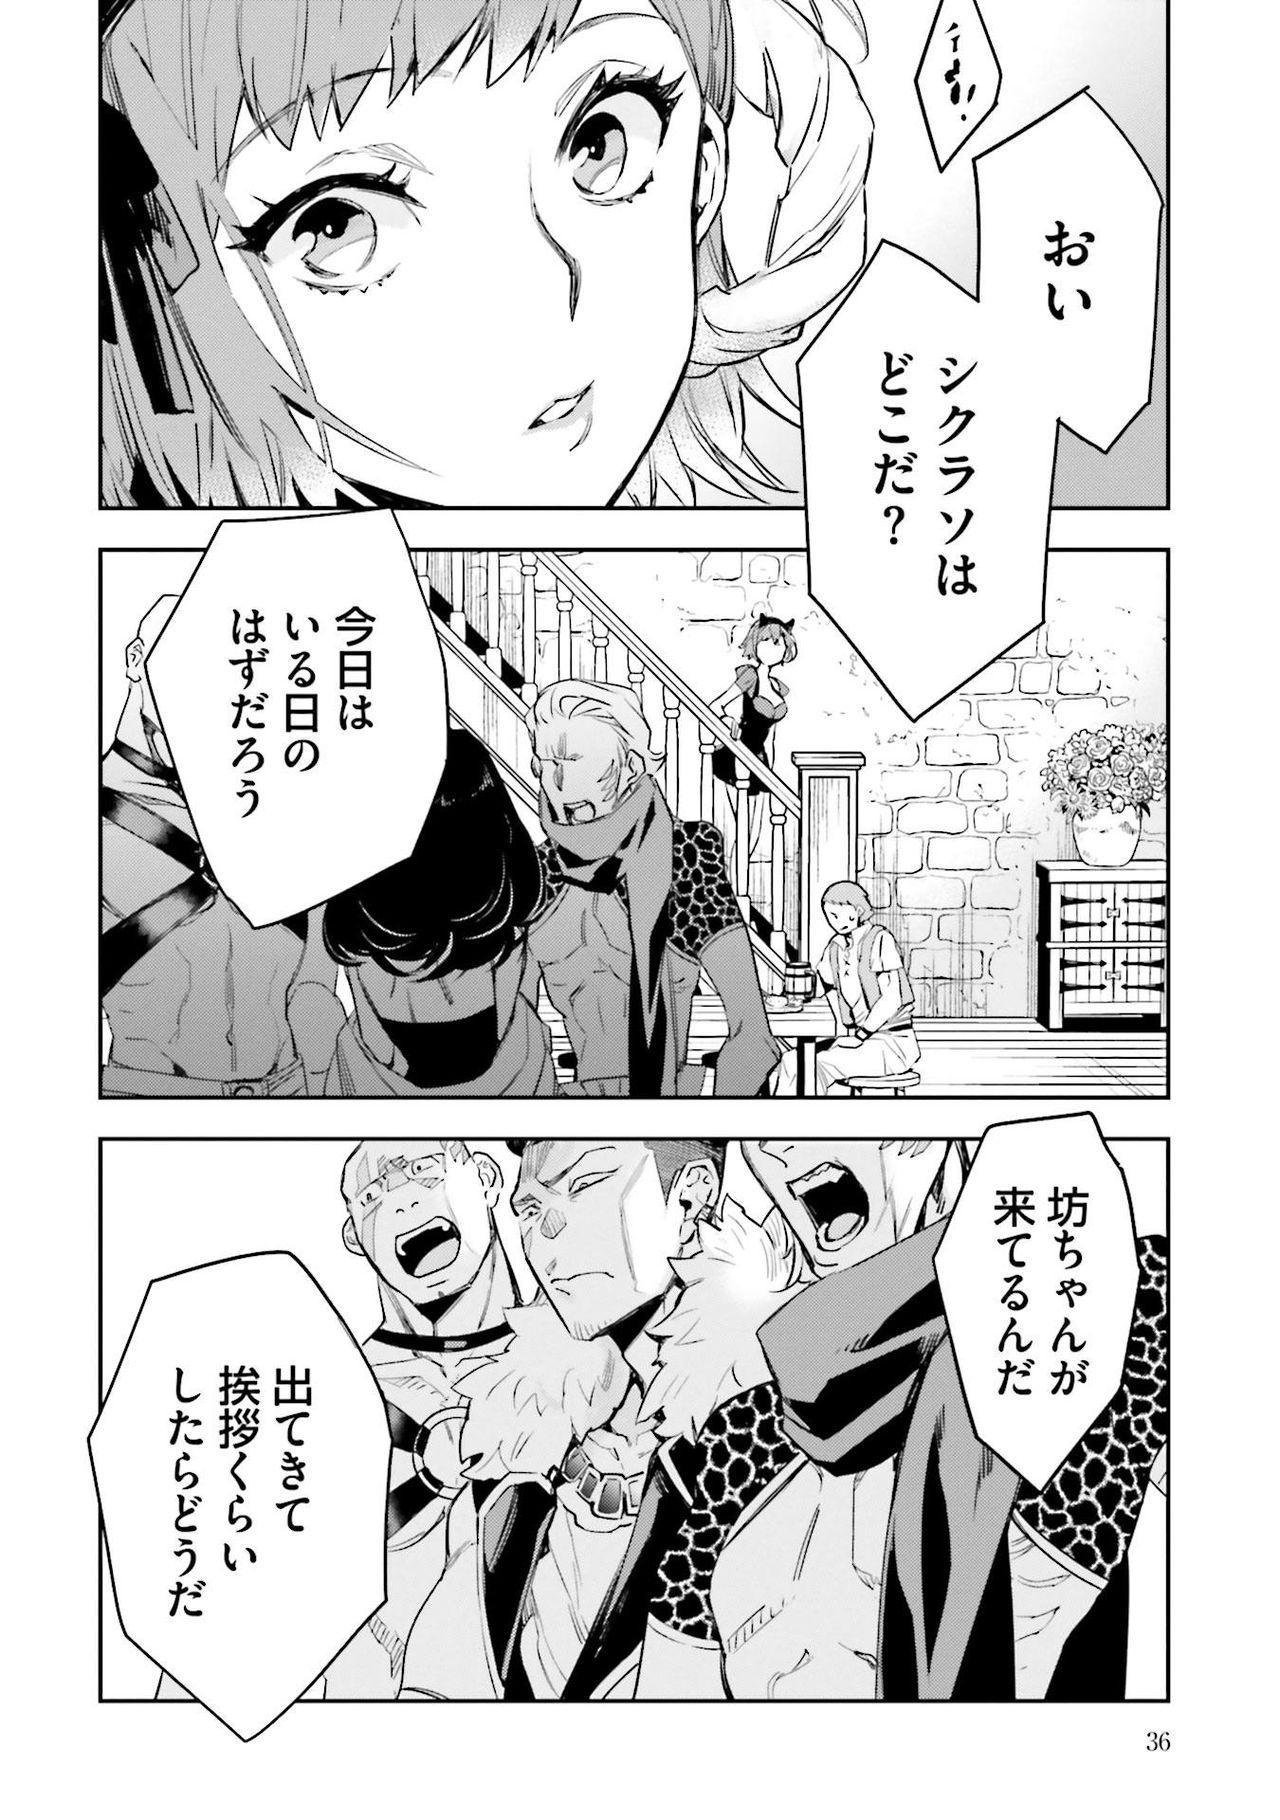 JK Haru wa Isekai de Shoufu ni Natta 1-14 224